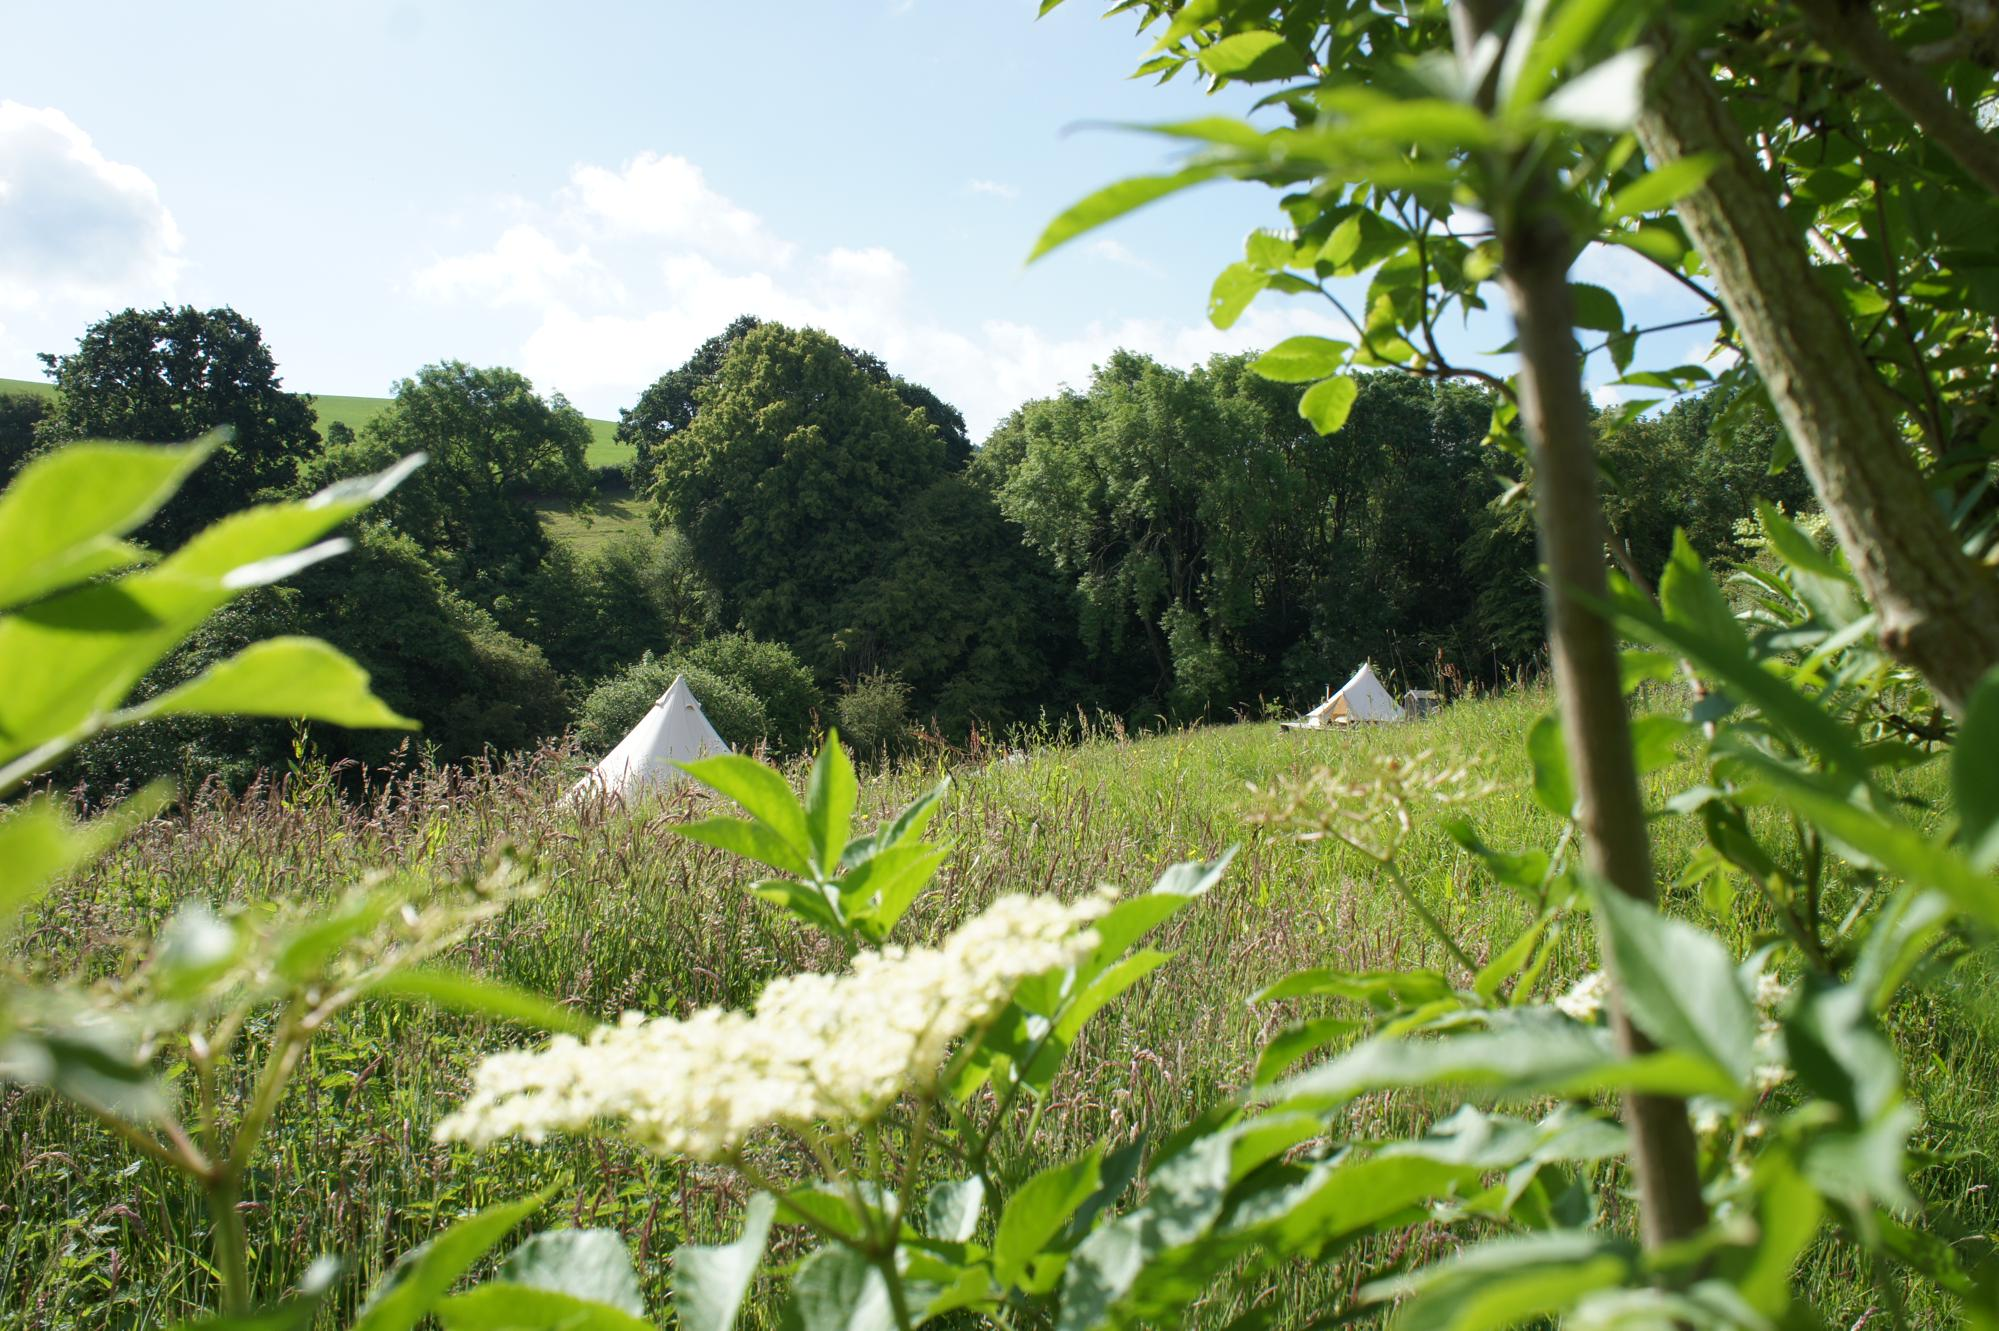 Campsites in Tenbury Wells – Glampingly